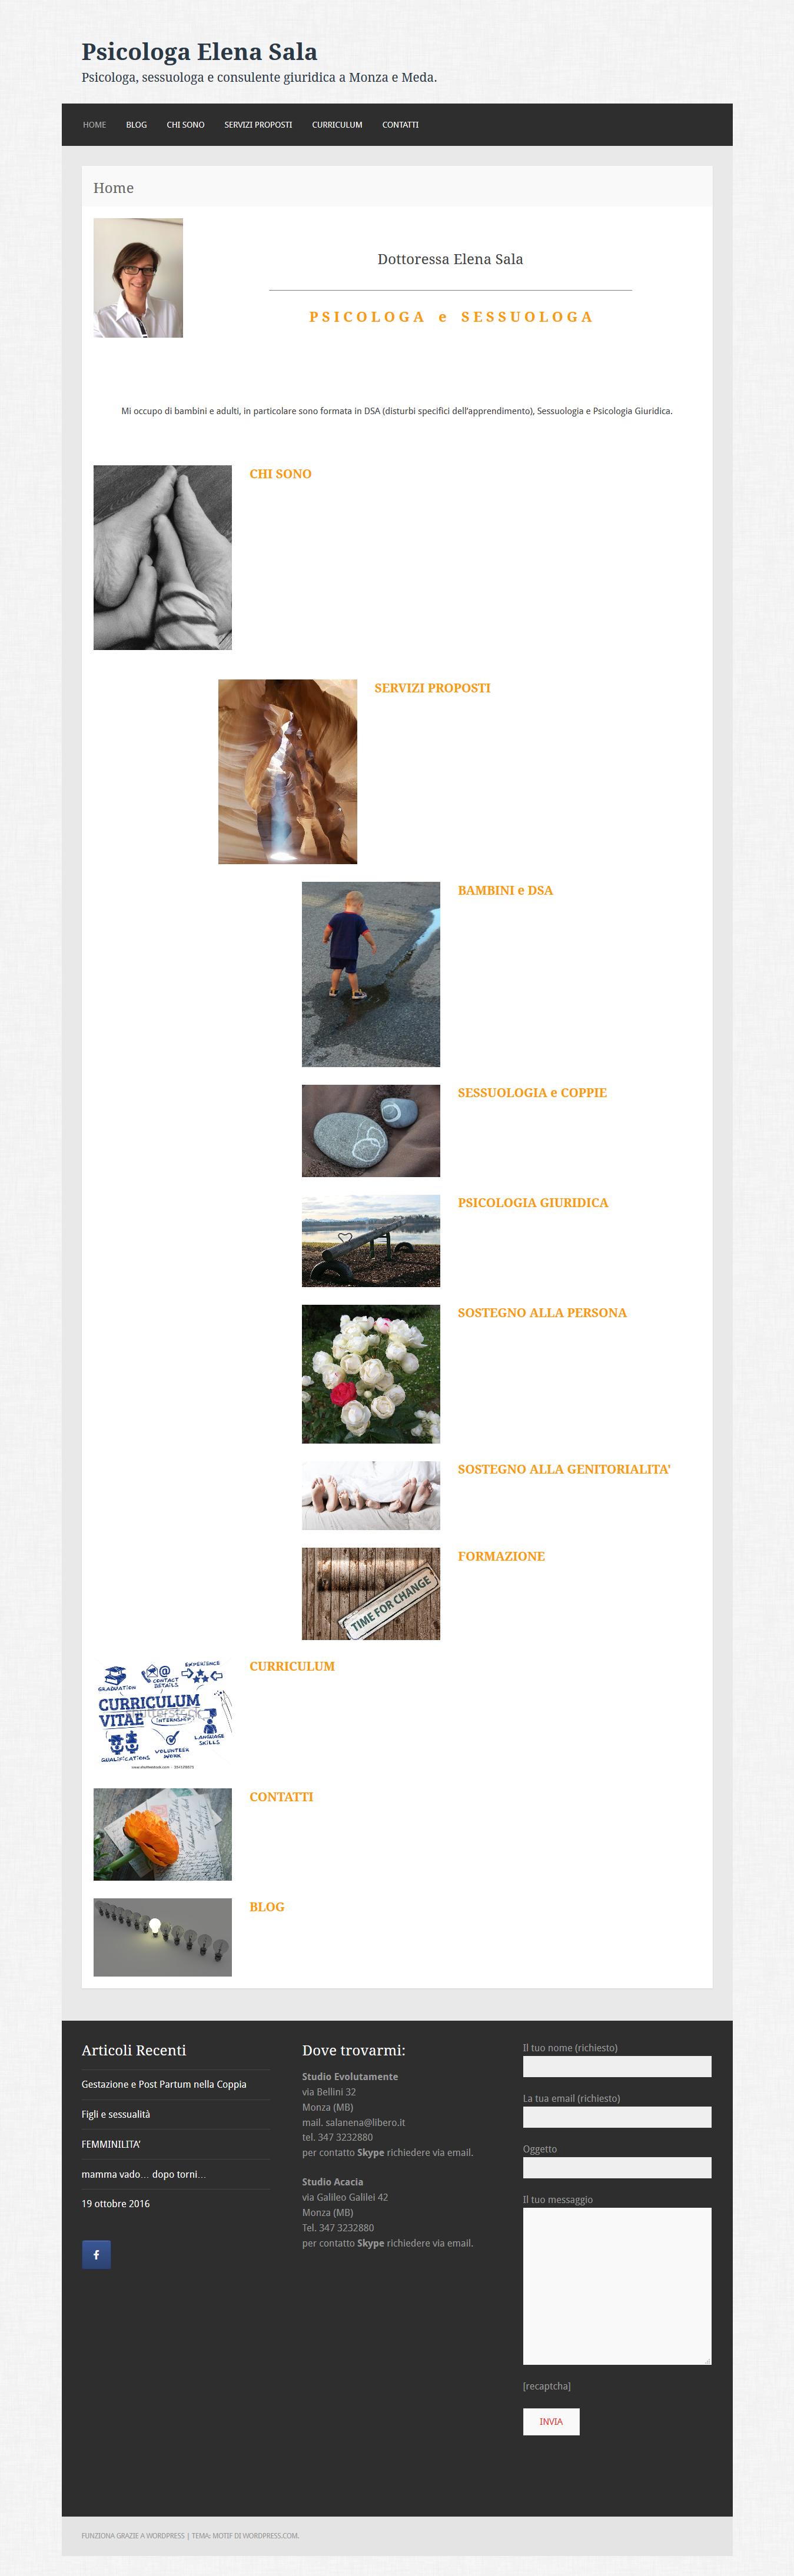 esempio di home page per un professionista